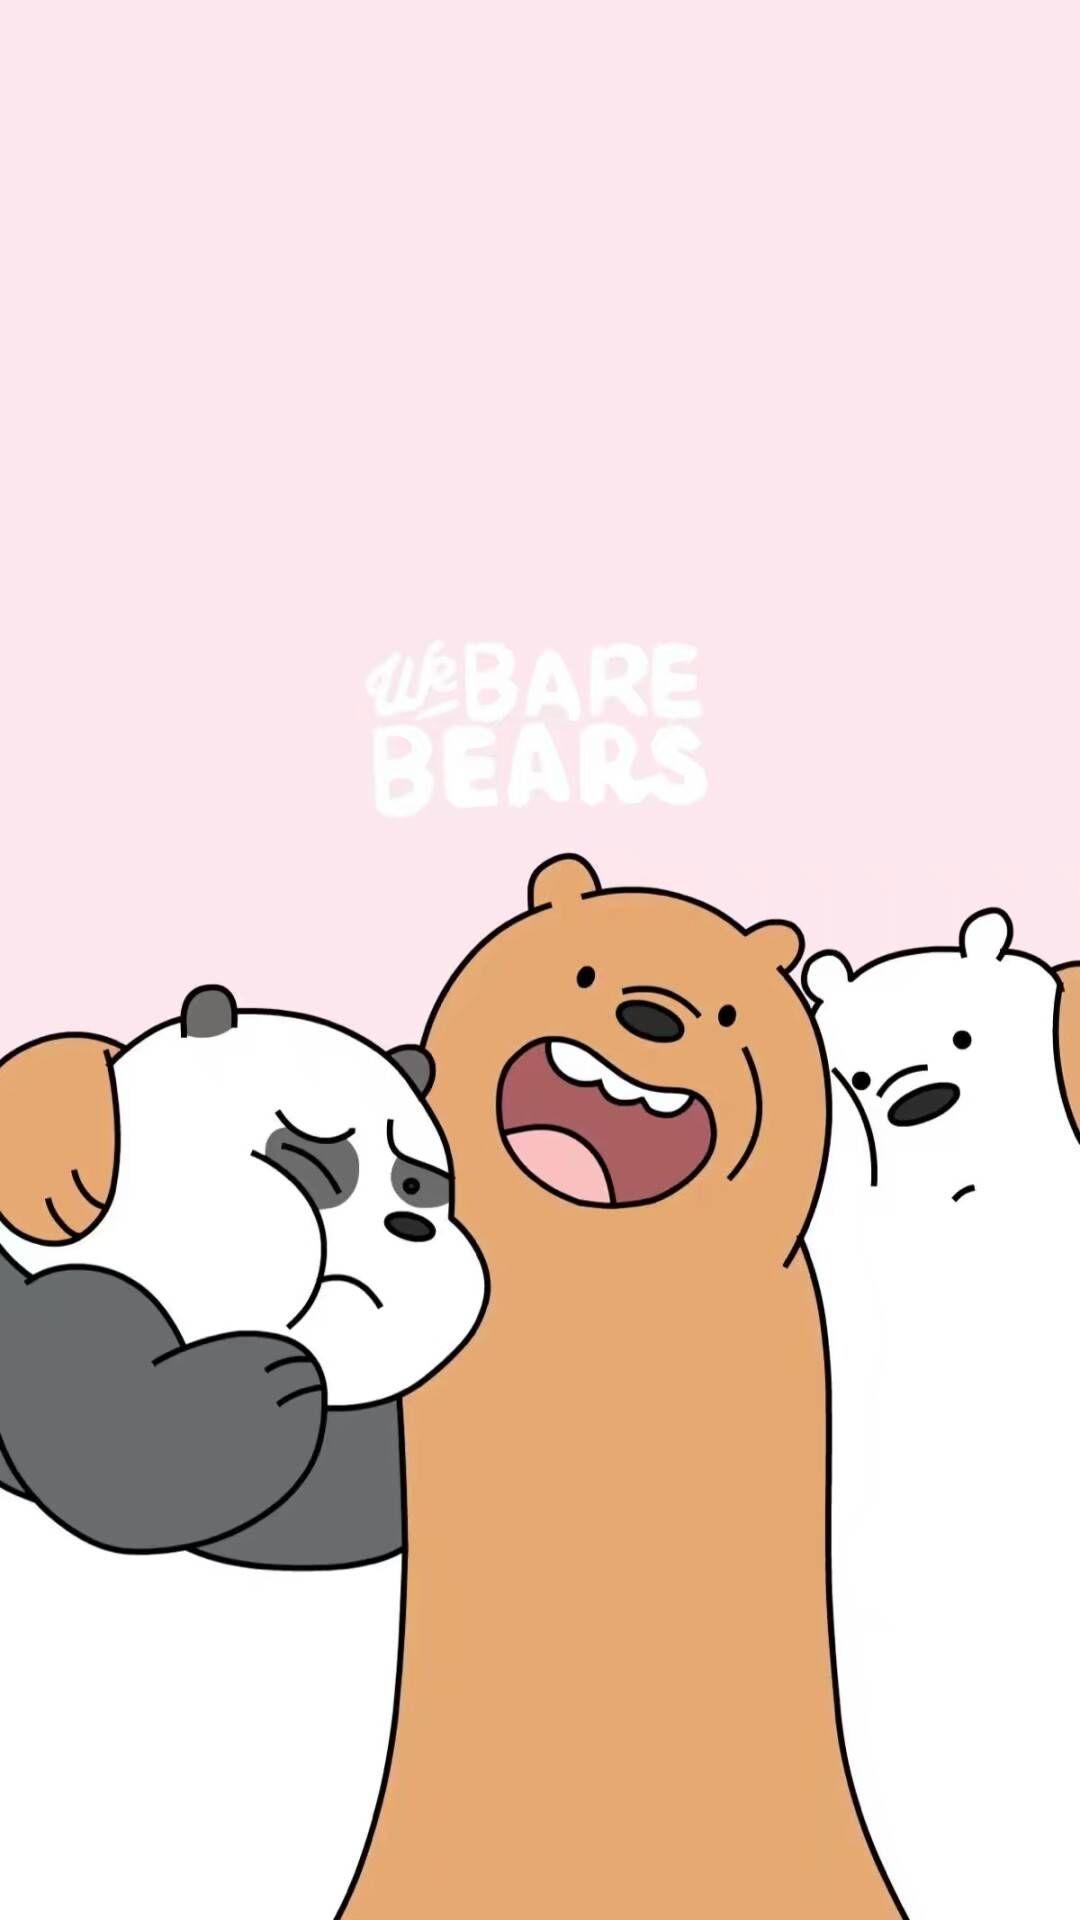 We Bare Bears Anak Binatang Boneka Hewan Gambar Hewan Lucu